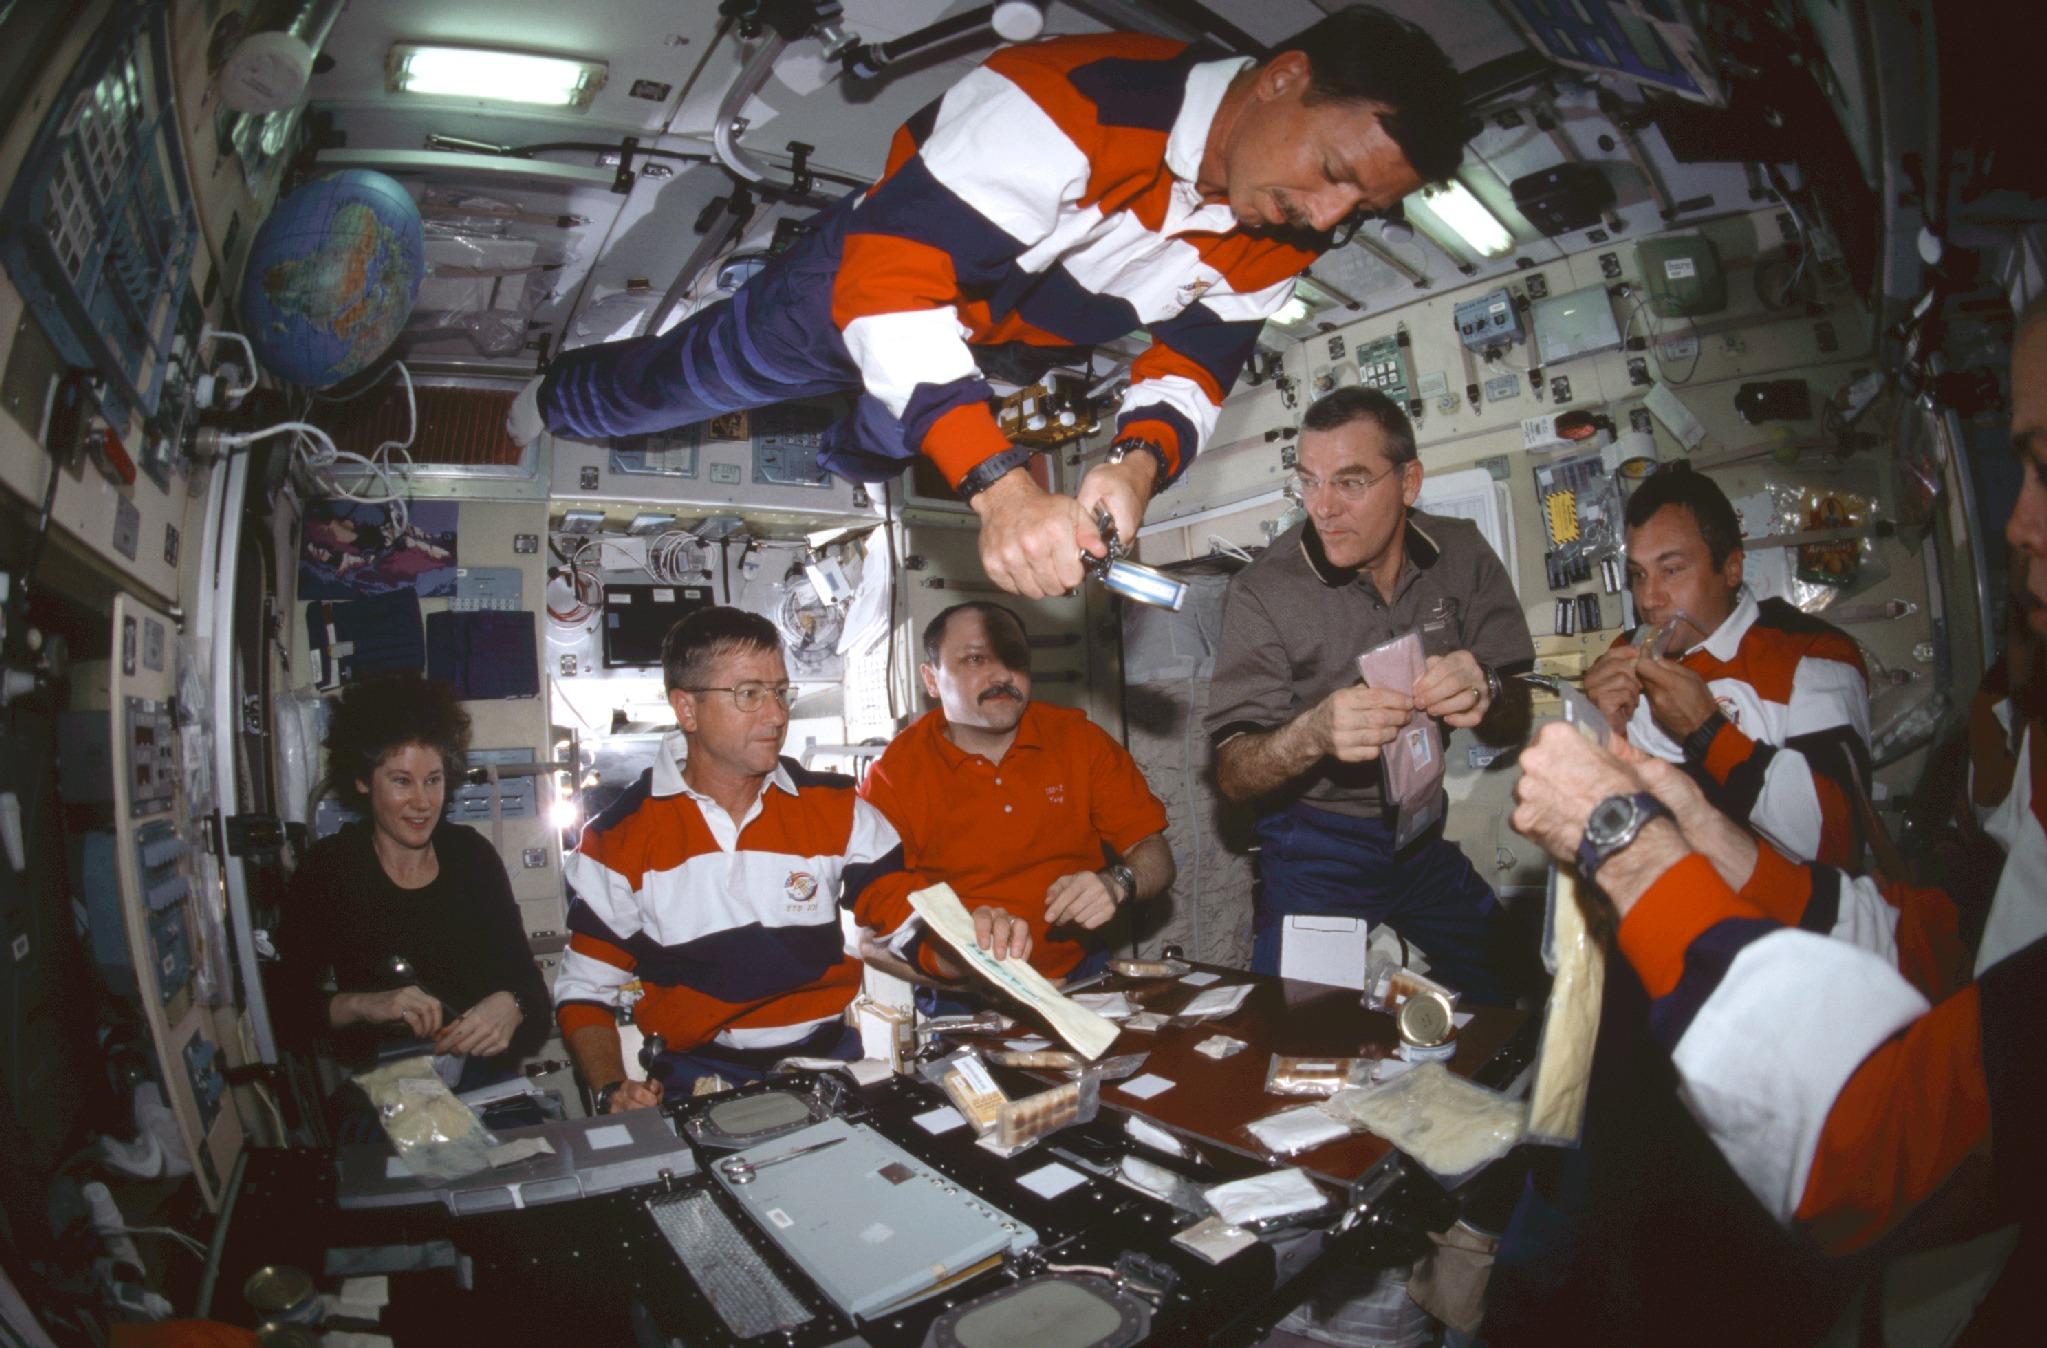 nasa food for astronauts - HD2047×1348